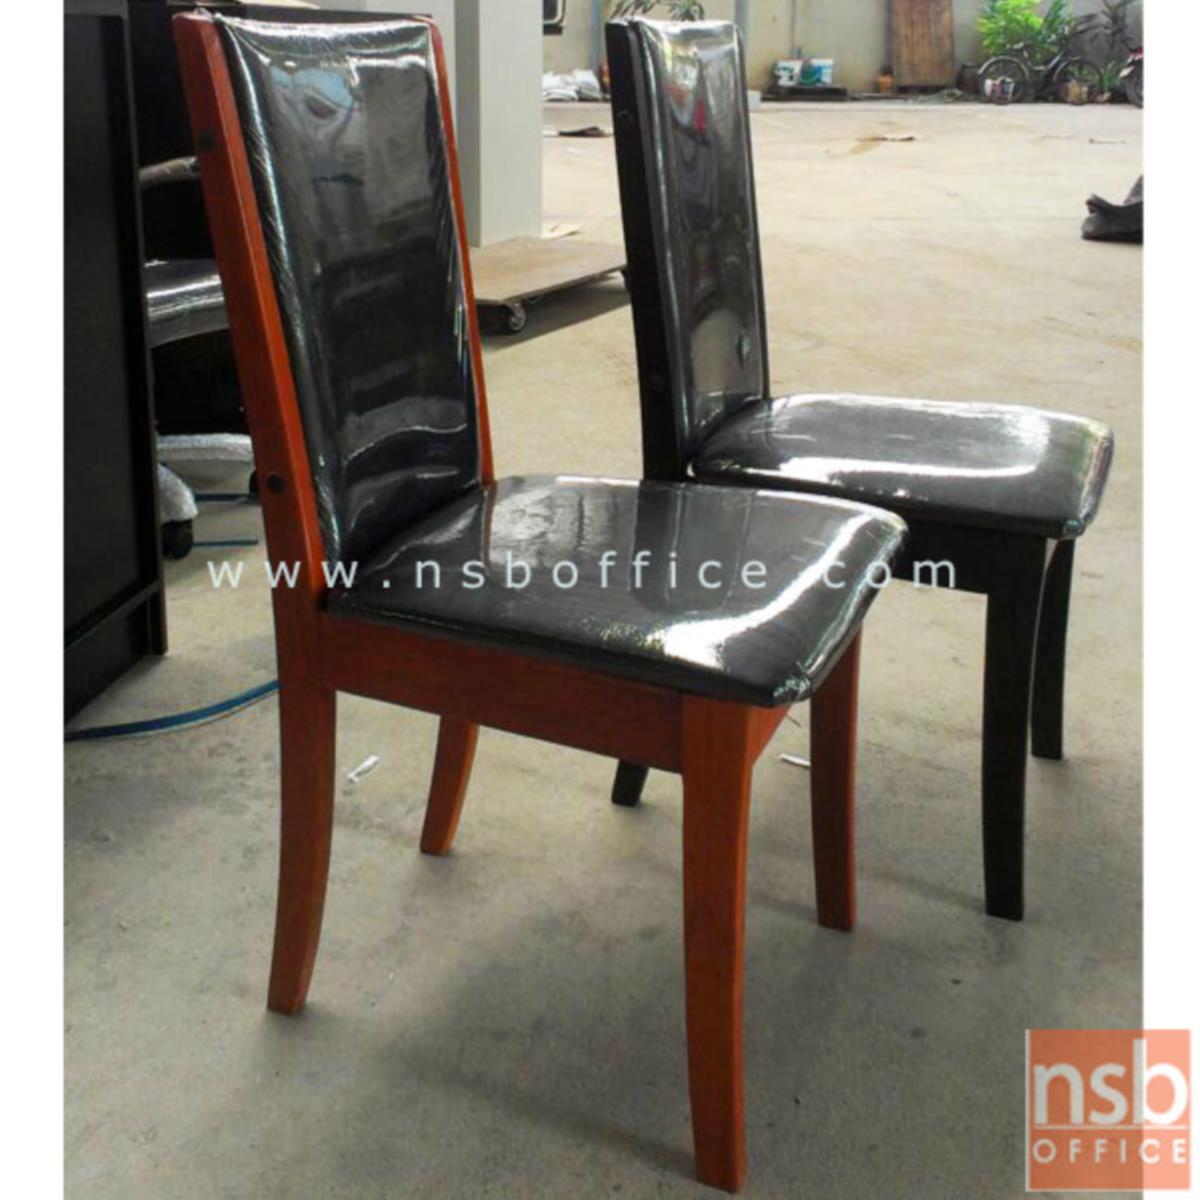 G14A060:เก้าอี้ไม้ยางพาราที่นั่งหุ้มหนังเทียม รุ่น Soren (โซเรน) ขาไม้ยางพารา